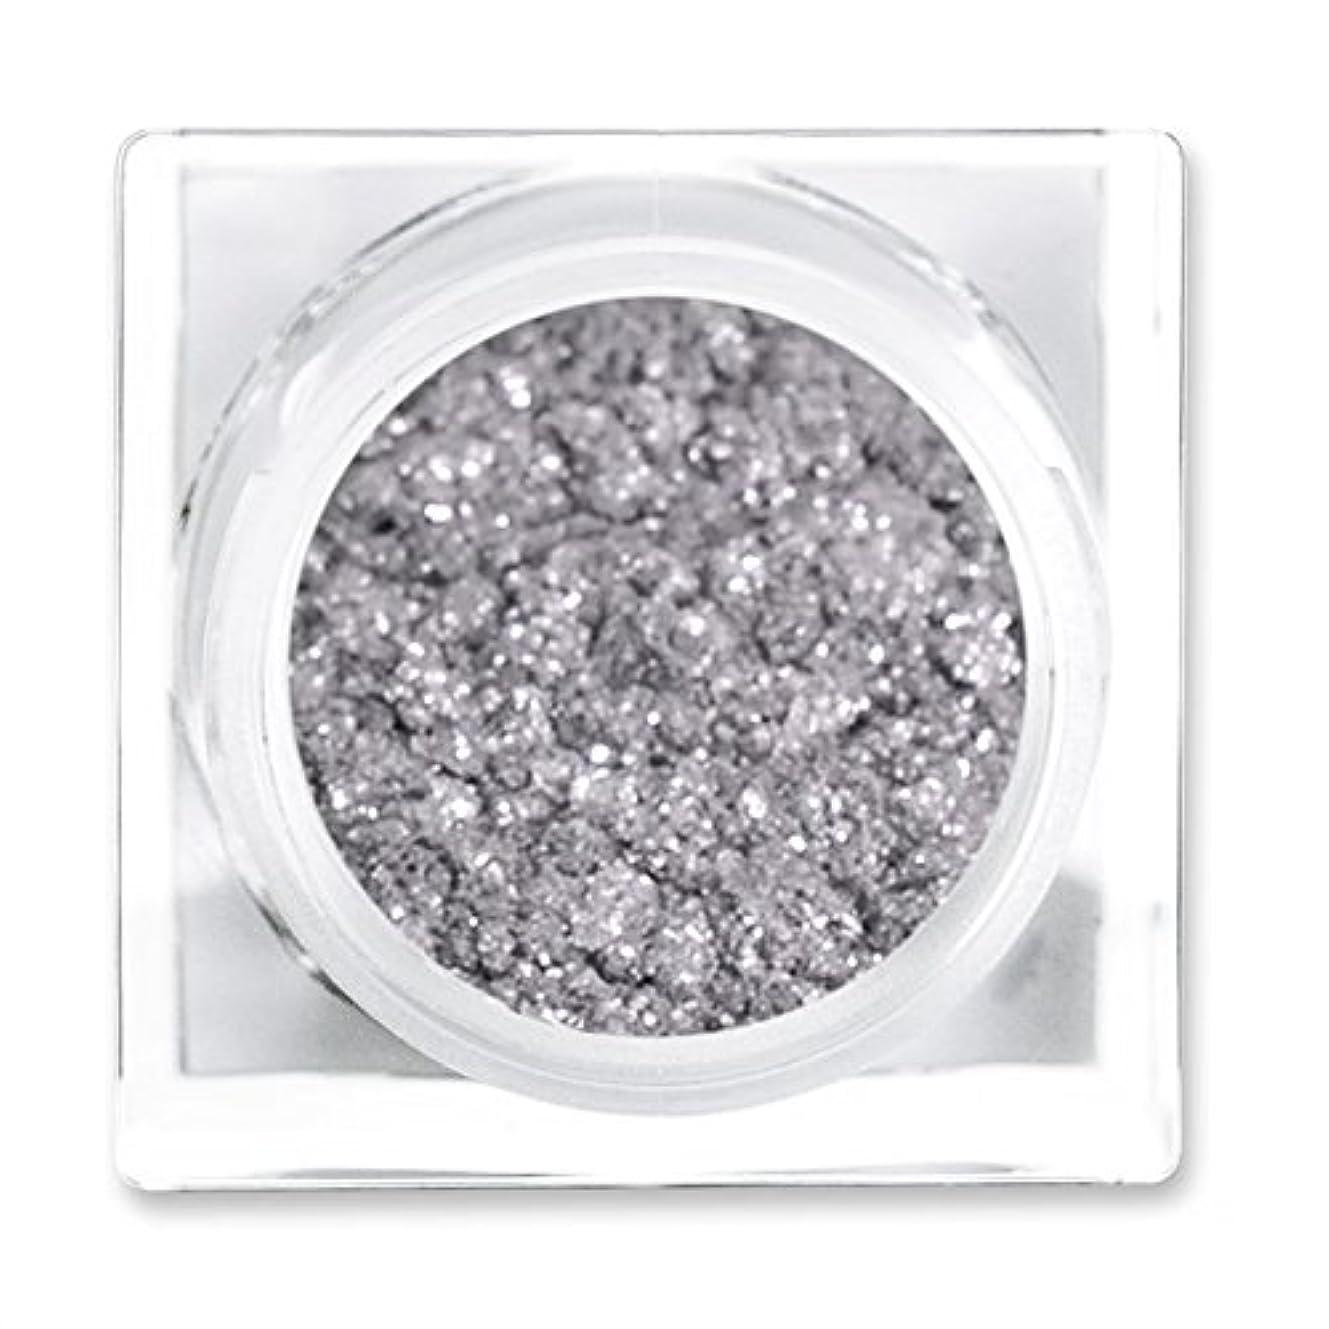 過半数突然ディレイリットコスメティックス リットメタルズ Magnetic Silver